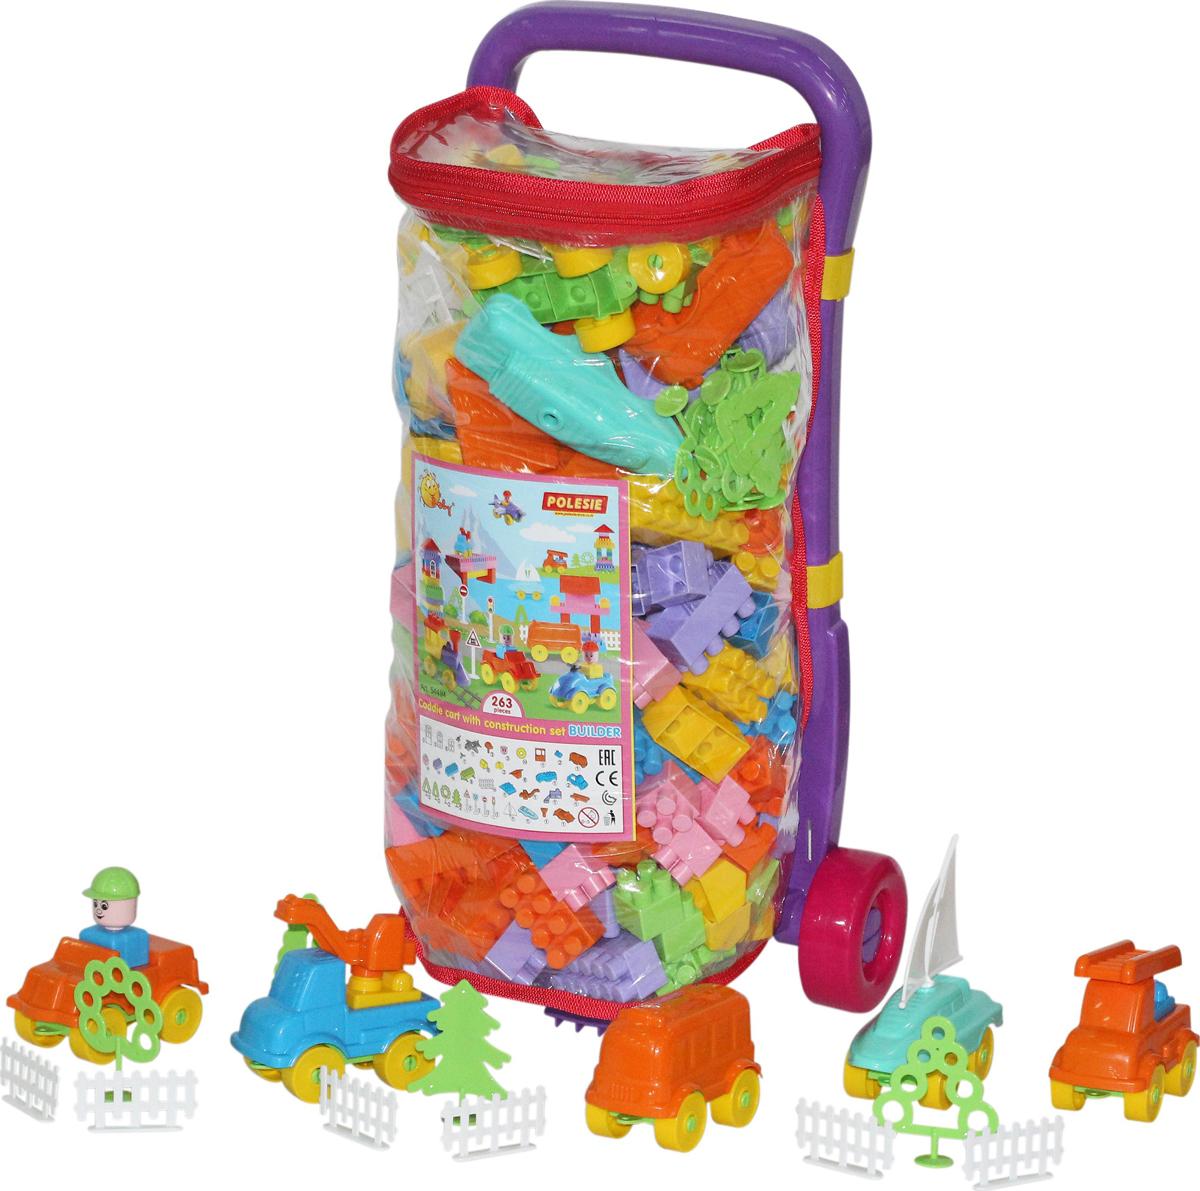 Фото - Полесье Конструктор Строитель 263 элемента + Тележка Caddie, цвет в ассортименте полесье набор игрушек для песочницы 468 цвет в ассортименте